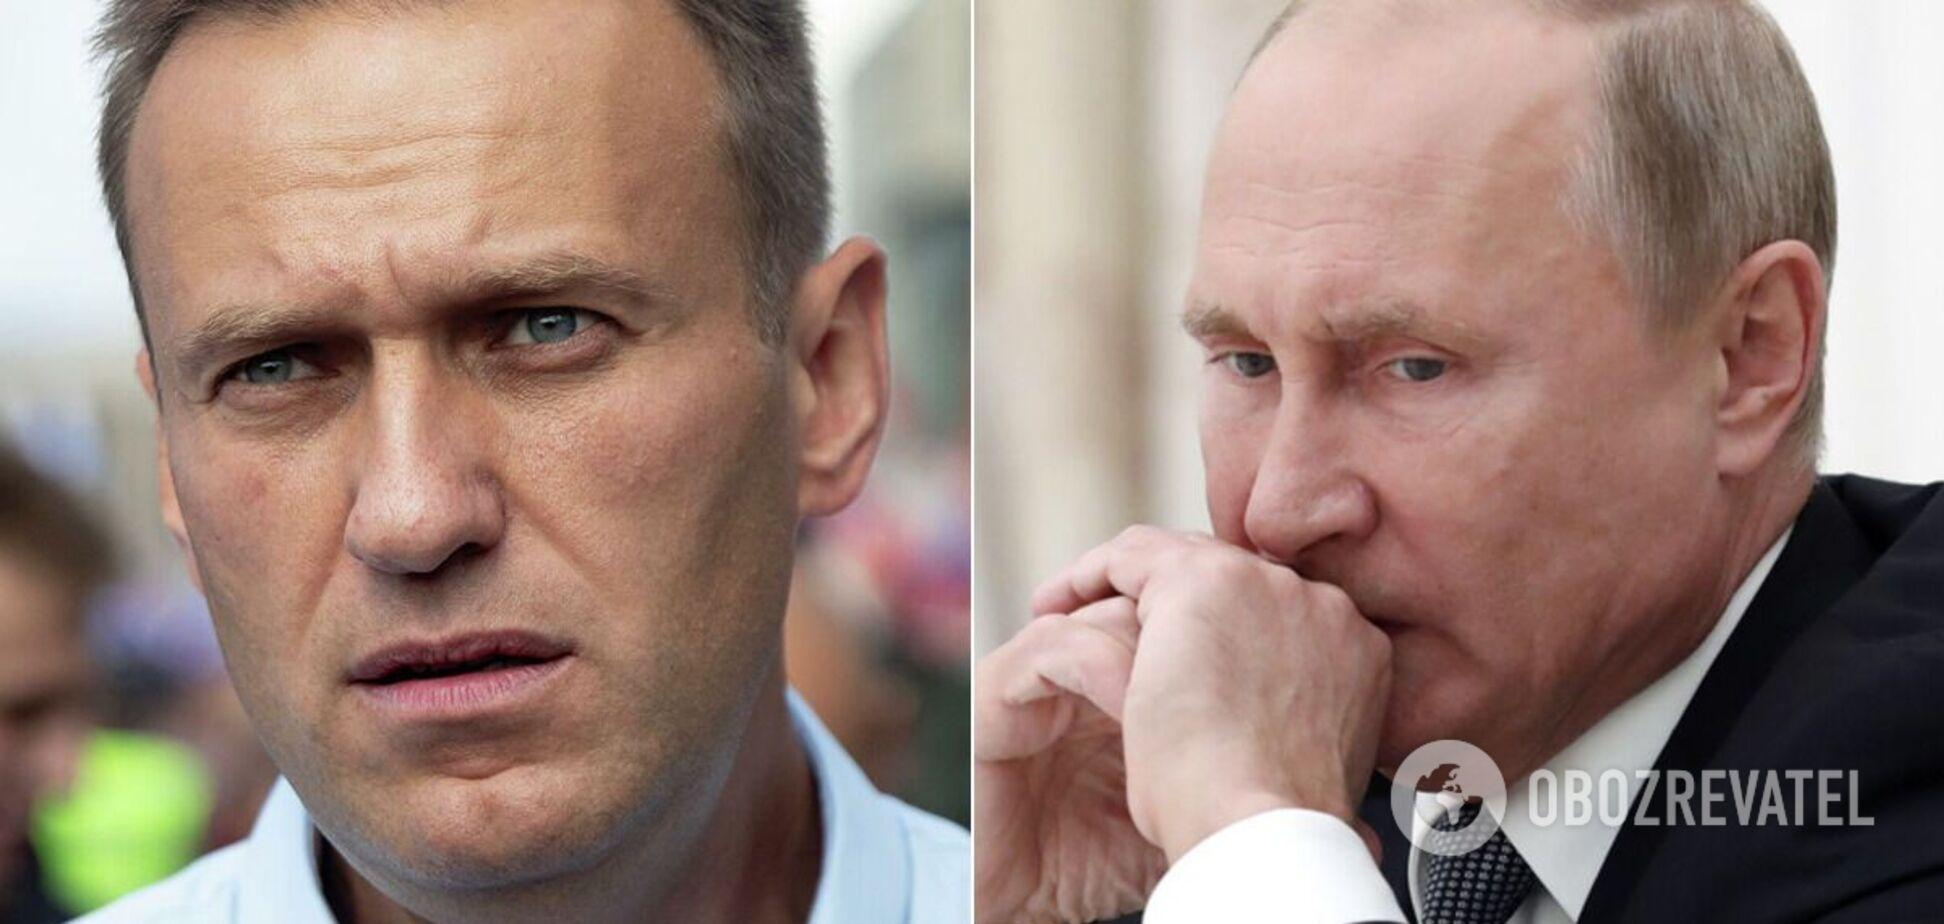 Путин расписался в том, что команду на отравление Навального отдавал именно он